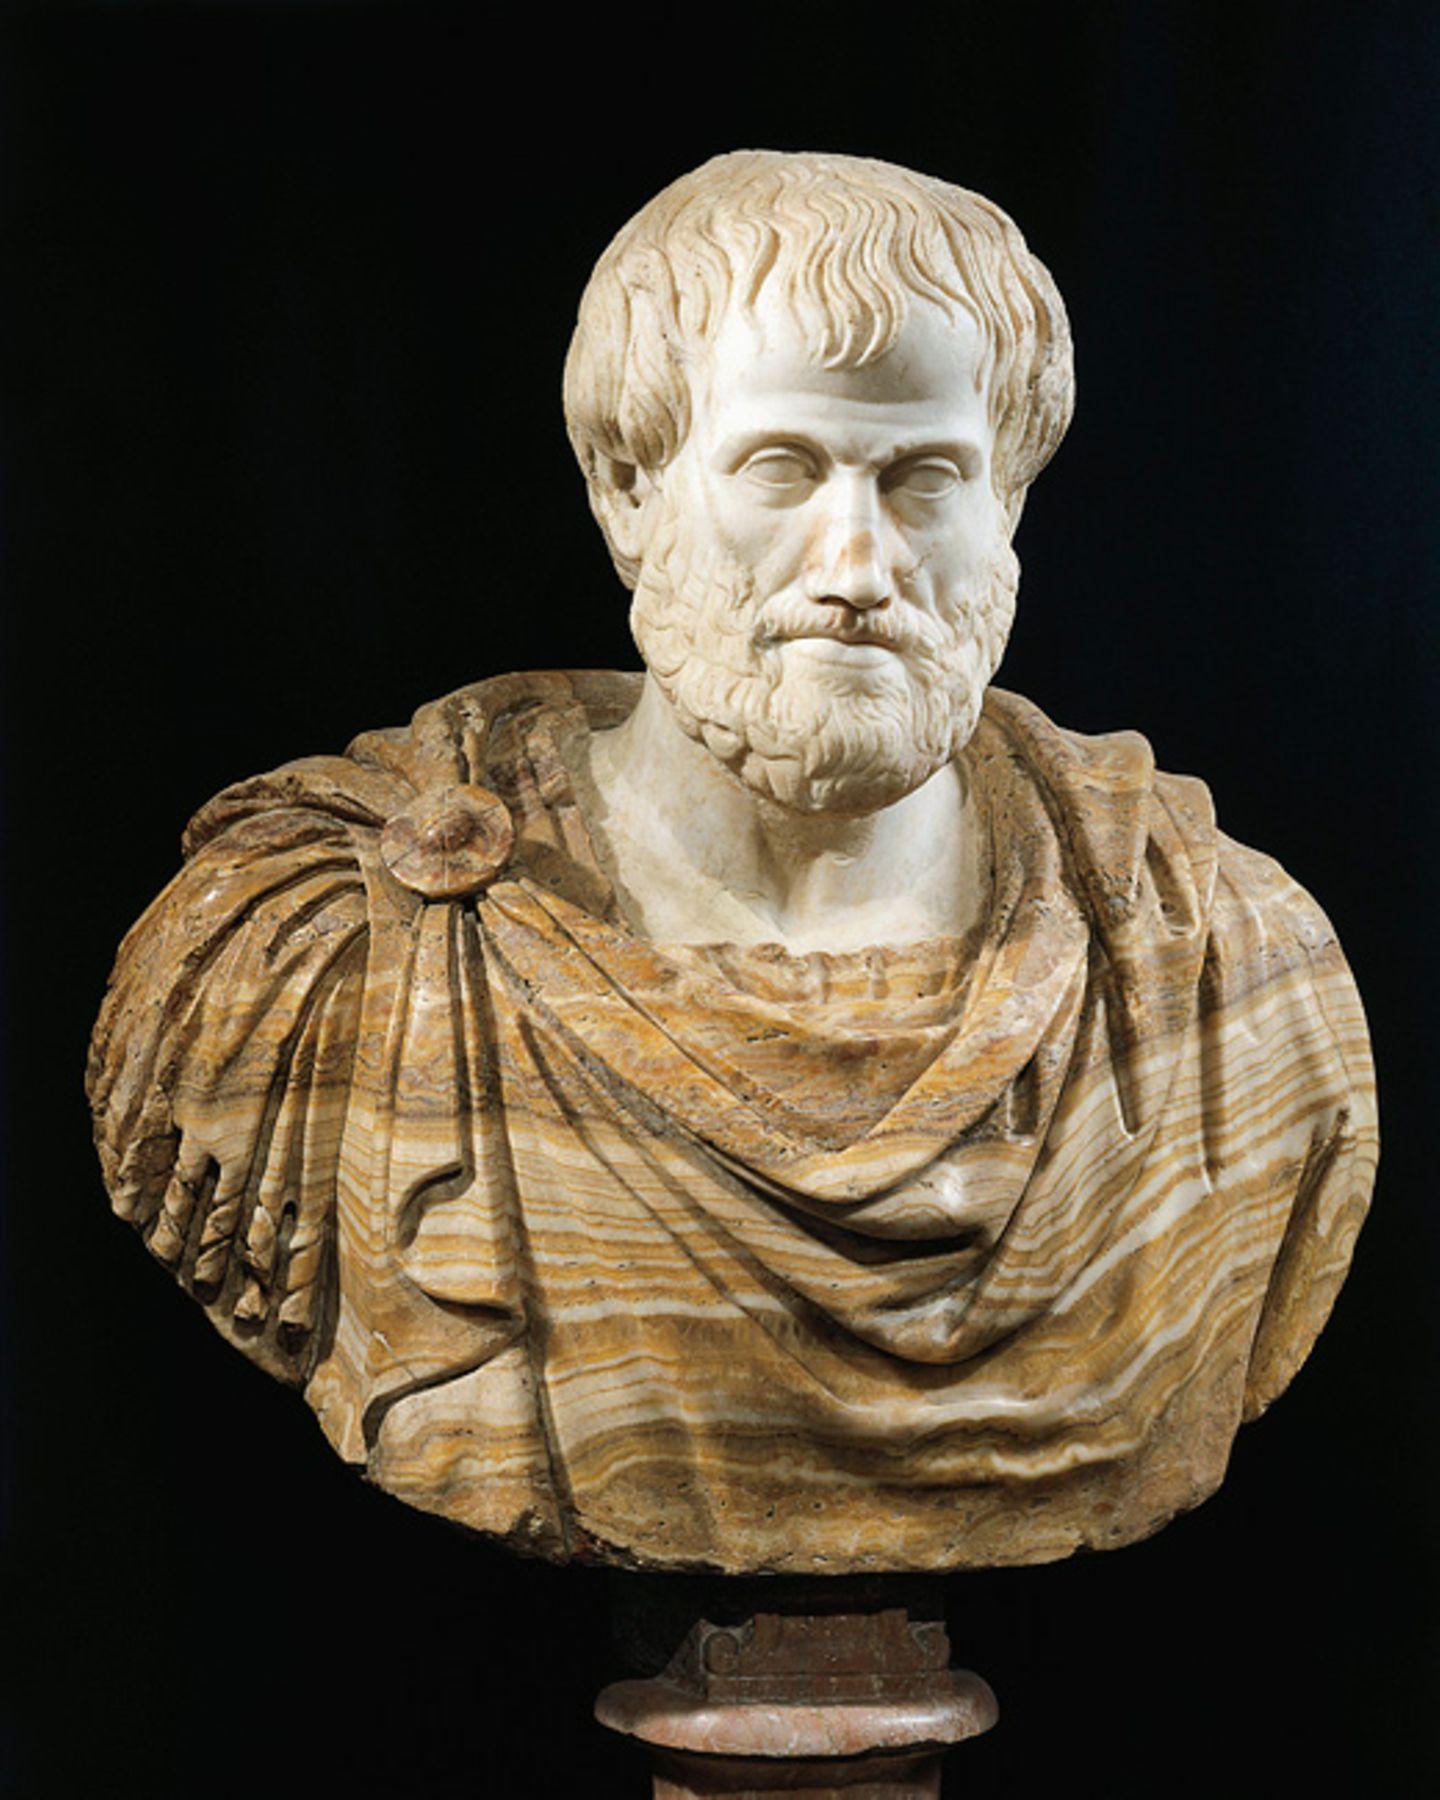 Weltveränderer: Aristoteles widmete sich der Philosophie, also der Wissenschaft, die die Welt und das menschliche Dasein überdenkt